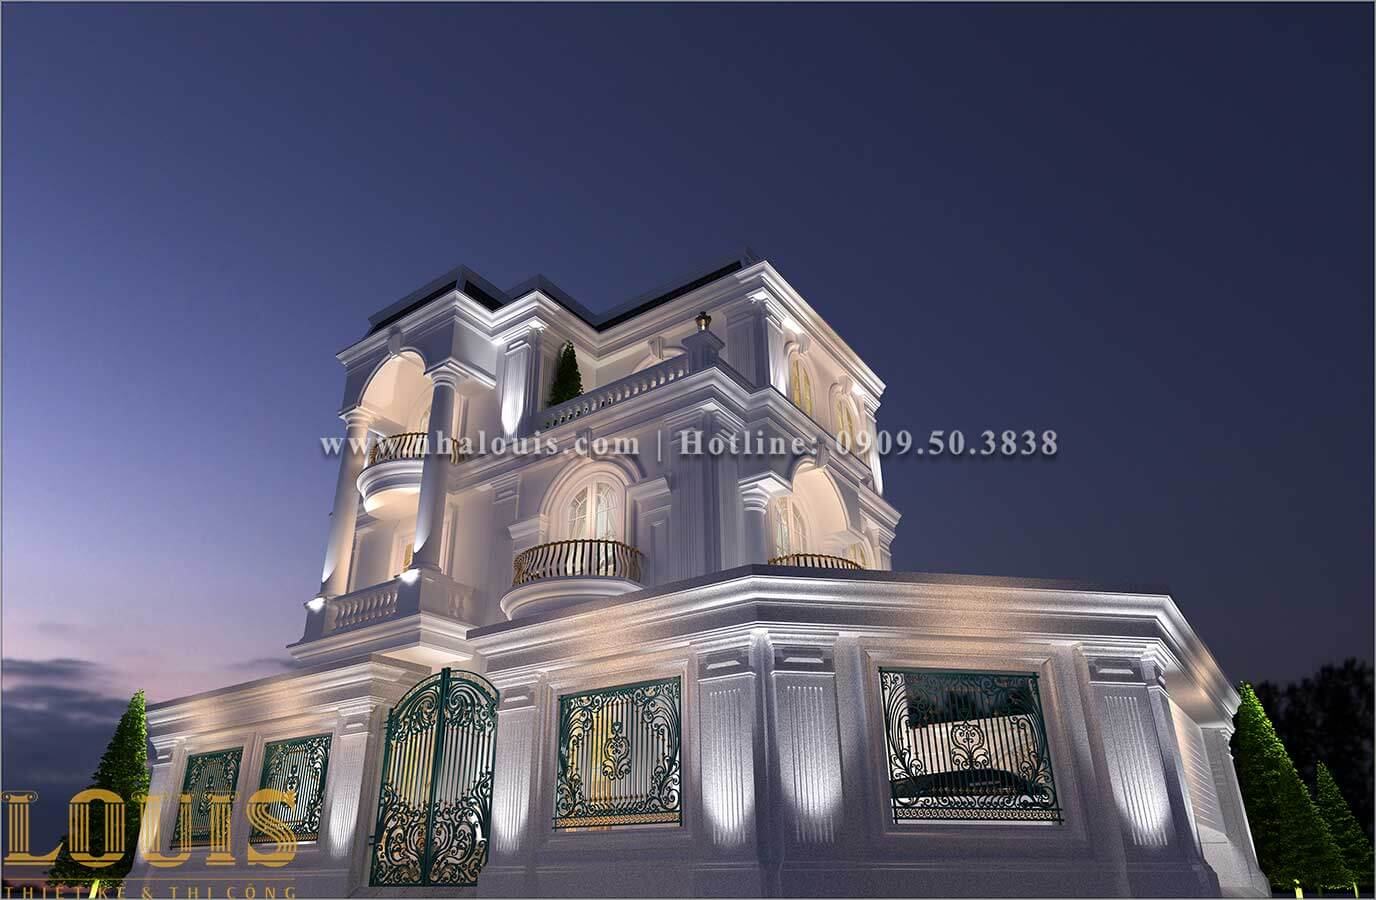 Mặt tiền Thiết kế biệt thự 3 tầng tân cổ điển đẹp lộng lẫy tại Bình Dương